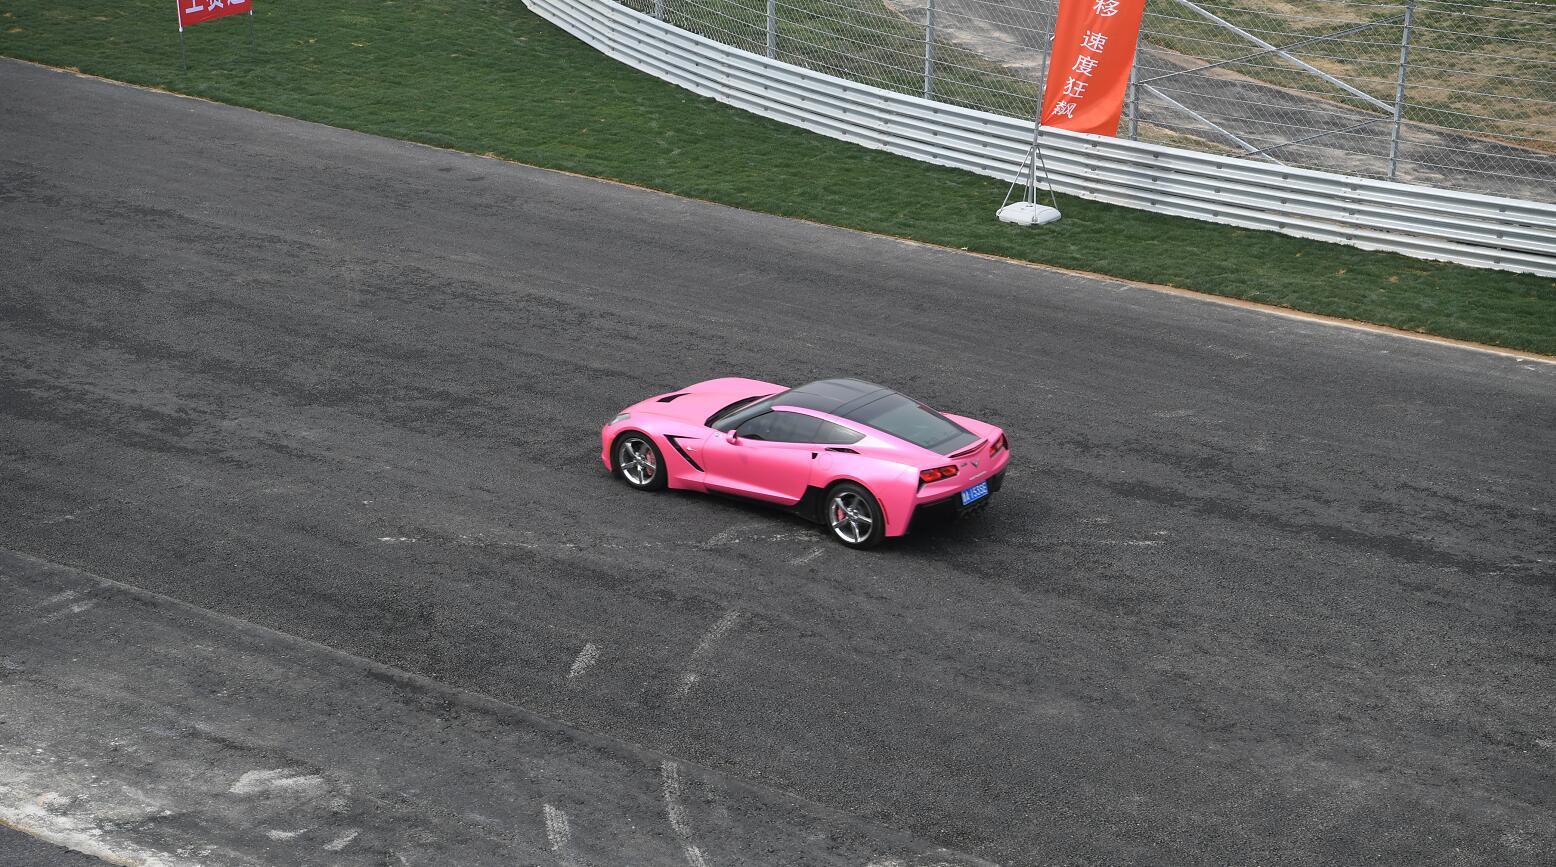 新旧动能转换现场观摩会|全省唯一国际F3标准赛道!定陶打造汽车高端服务新城